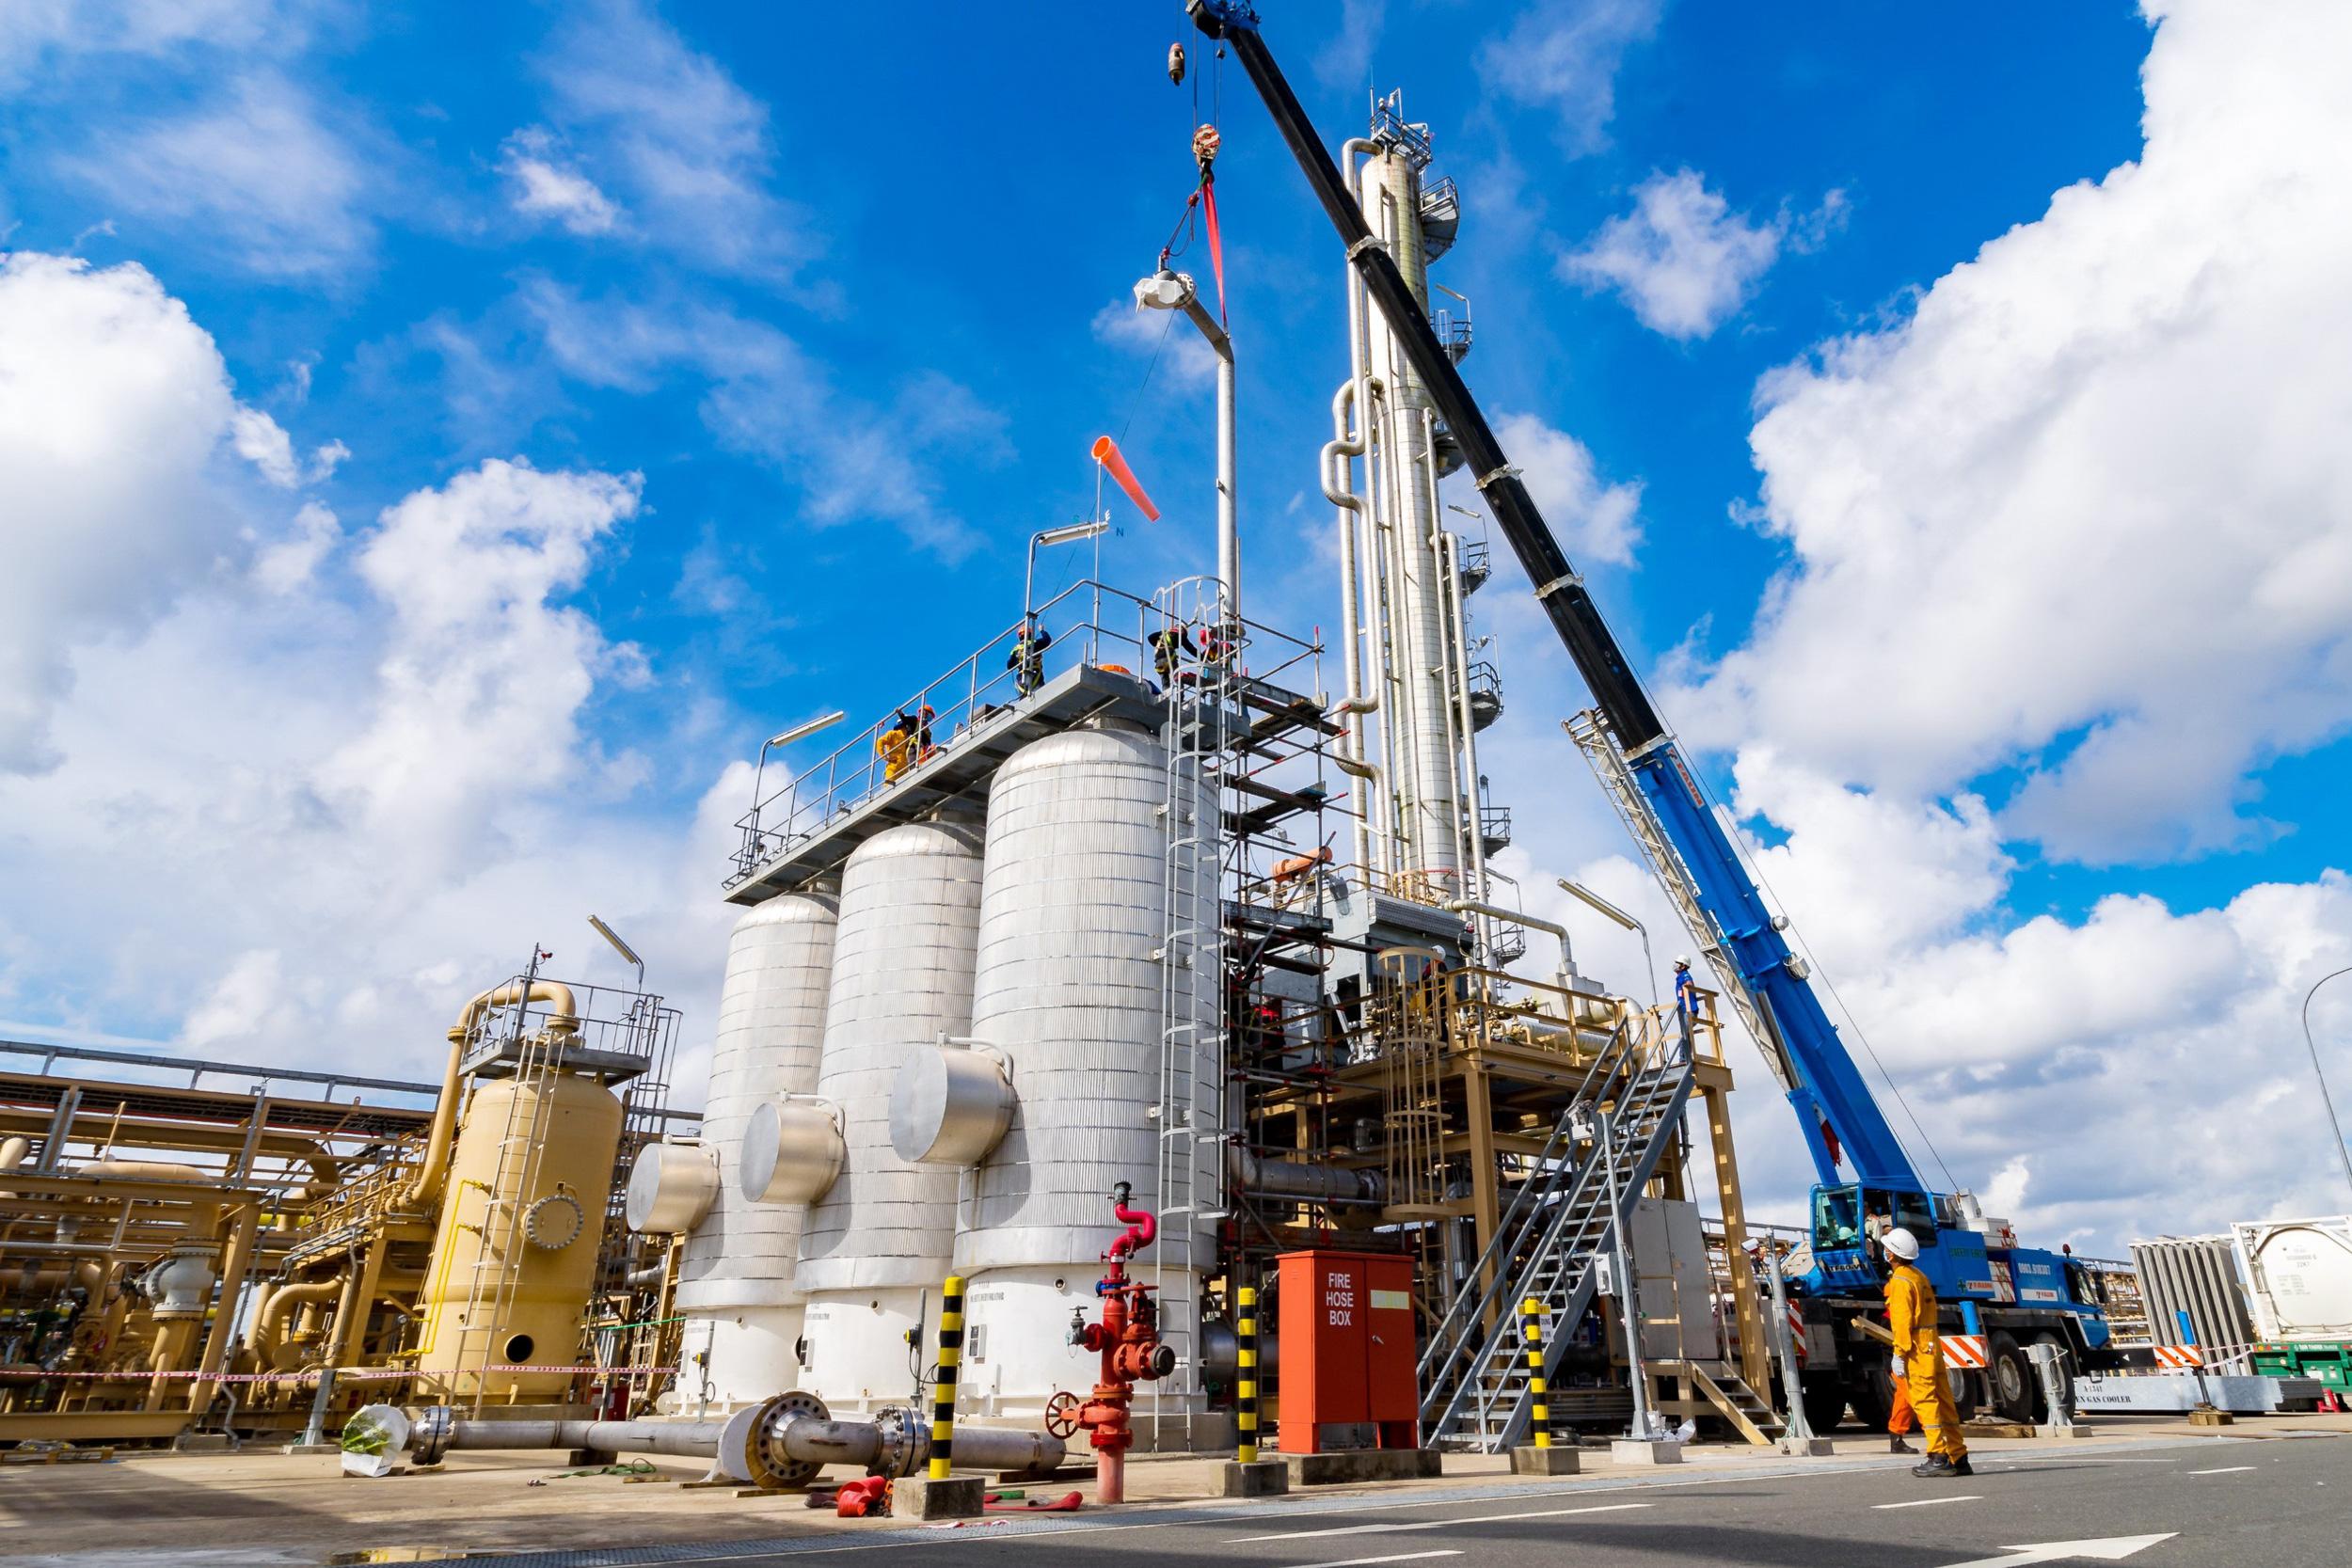 PV Gas đặt mục tiêu tăng trưởng trung bình giai đoạn 2021 - 2025 trên 12%/năm